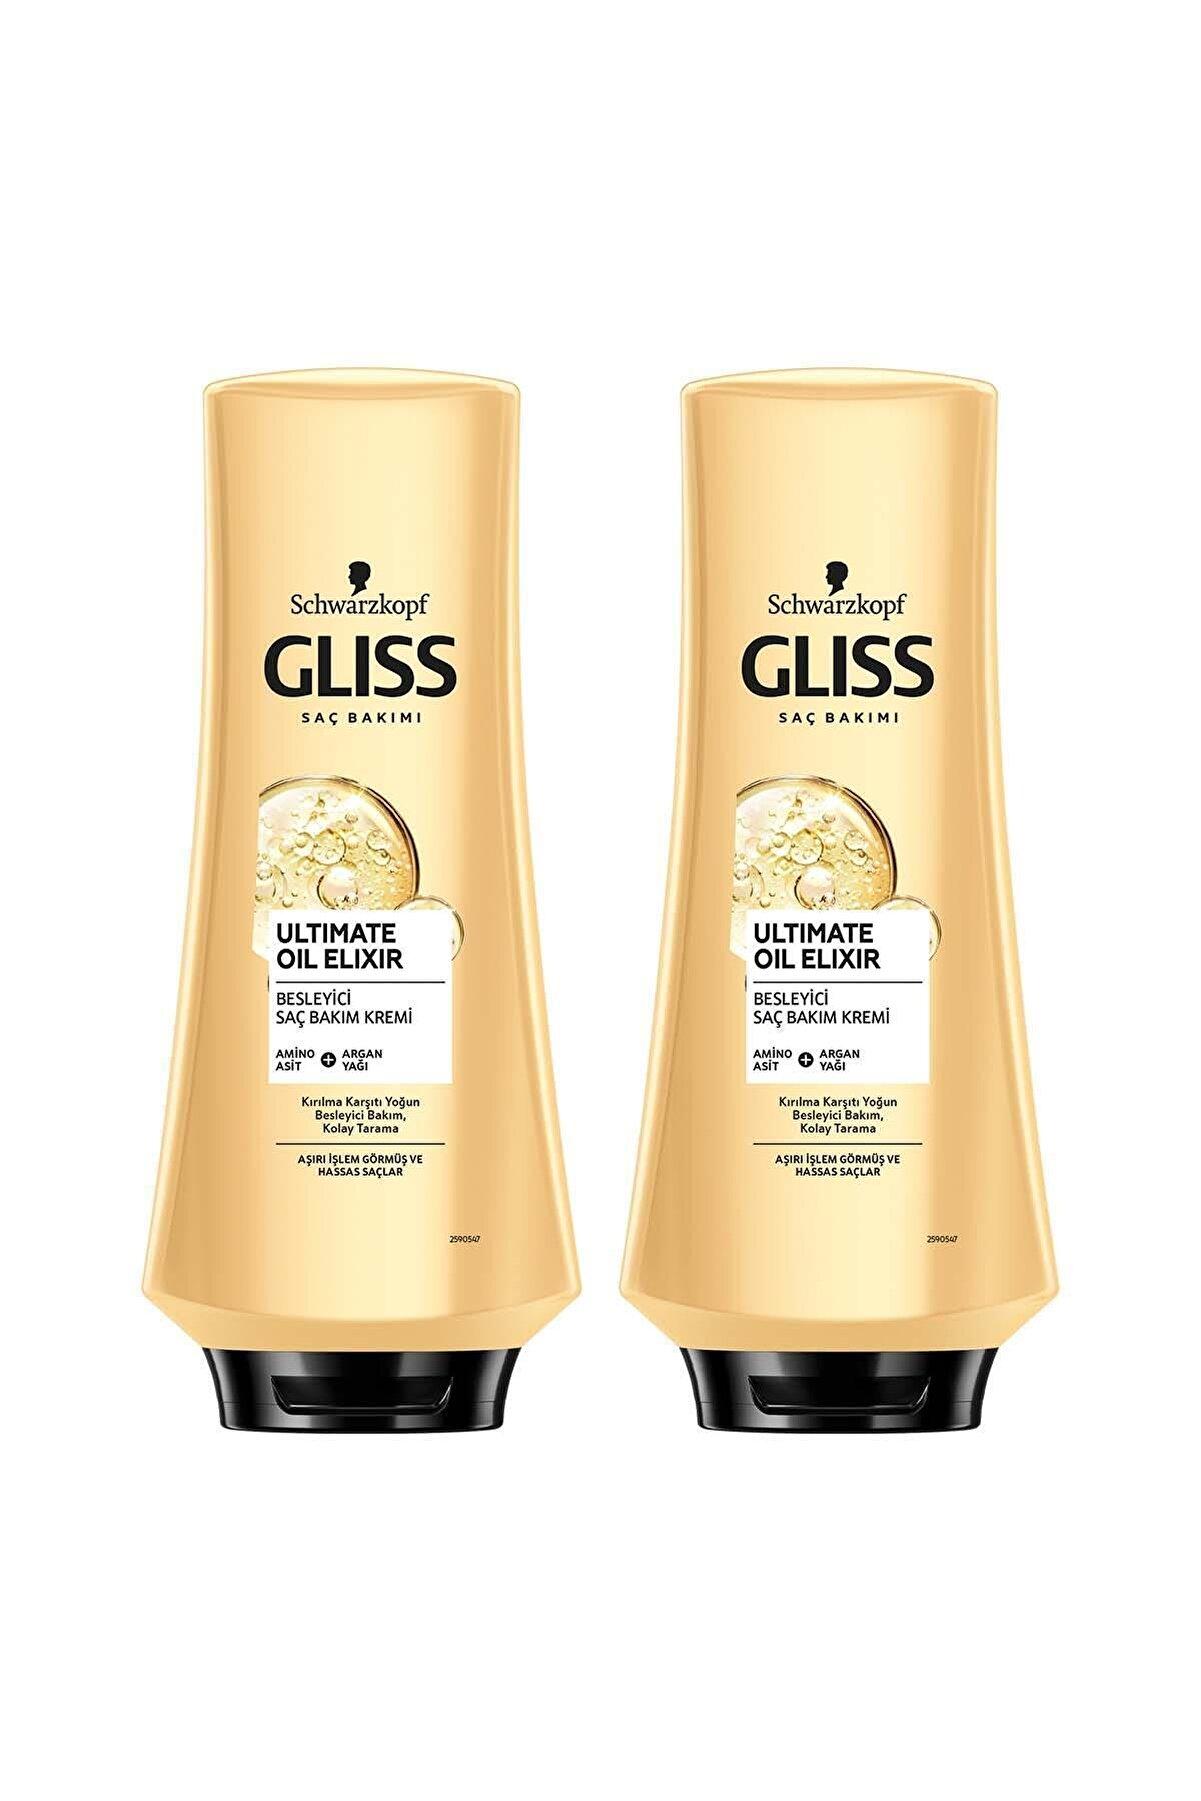 Gliss Ultimate Oil Elixir Besleyici Saç Kremi 360 ML 2'li